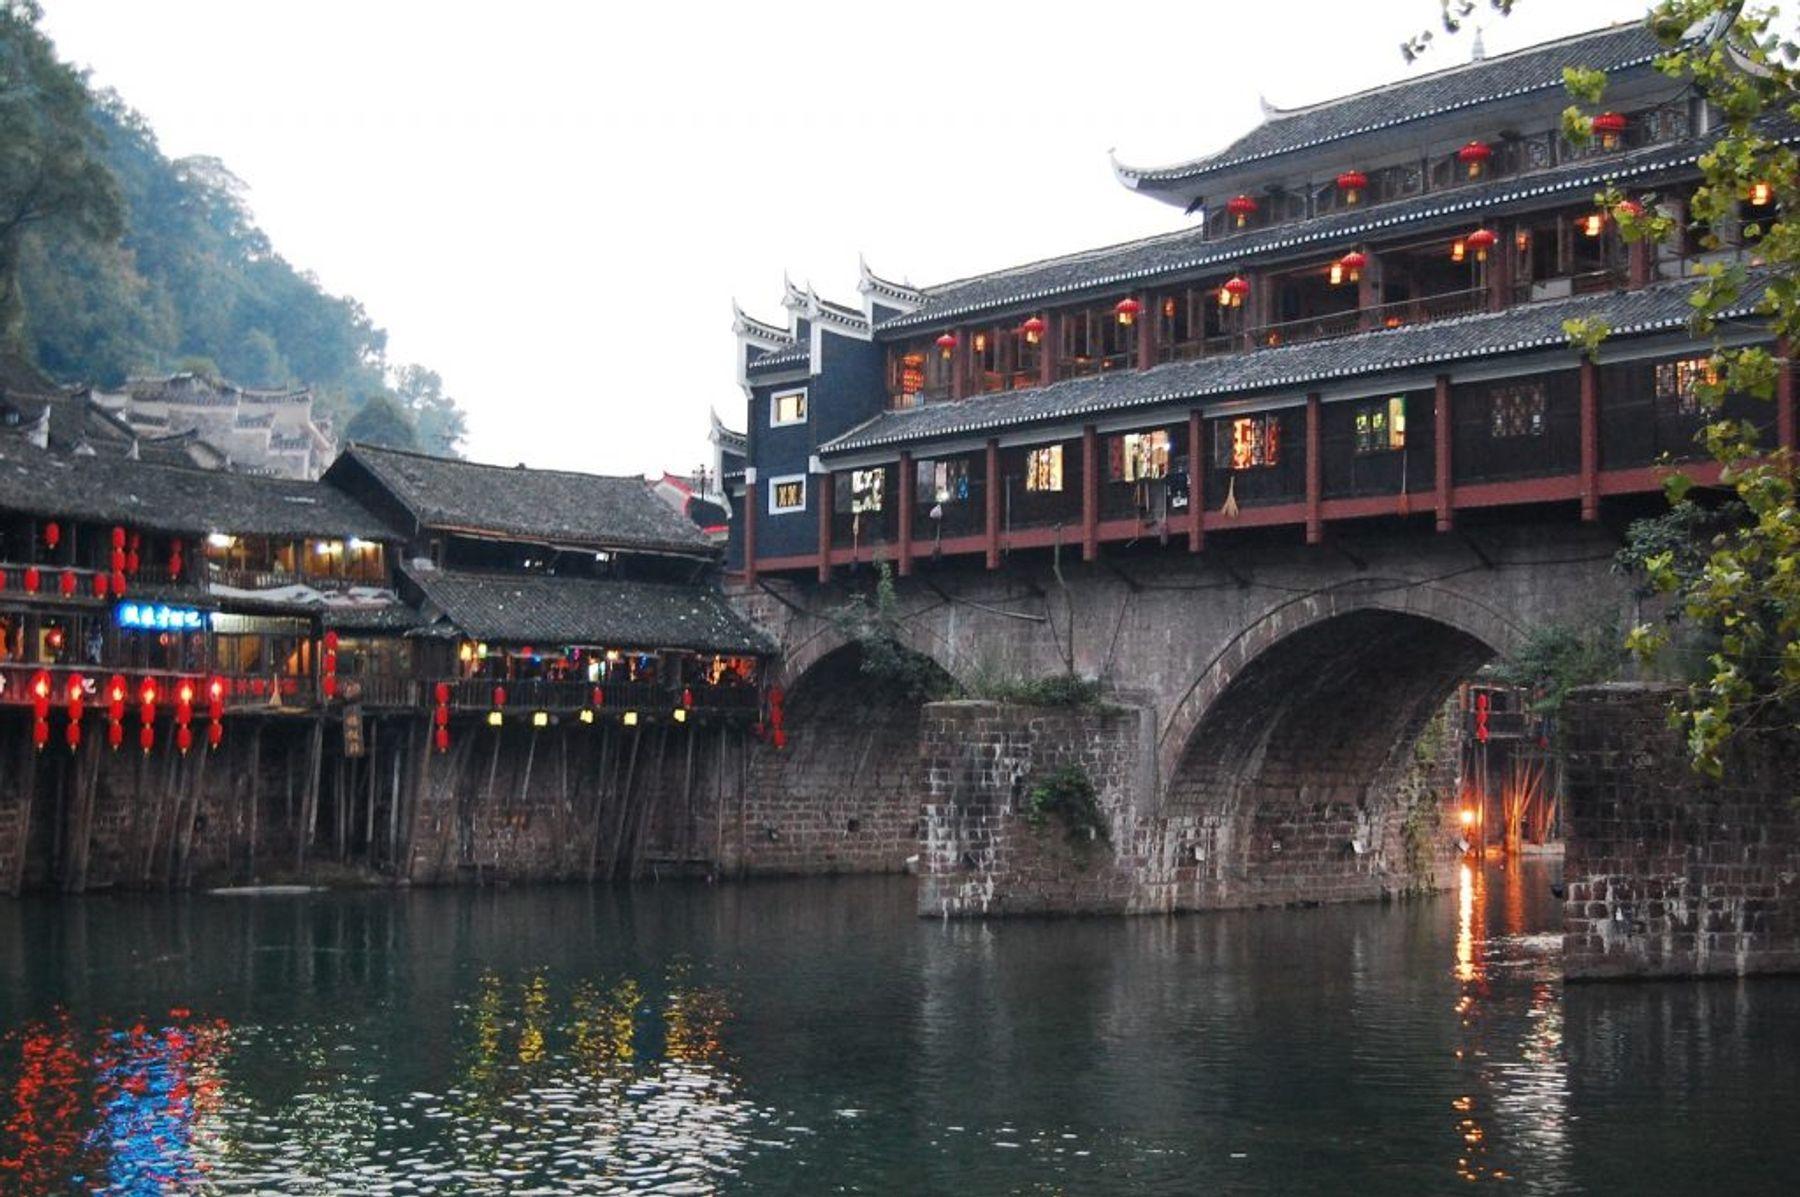 Du lịch tết Nguyên Đán tại Trung Quốc